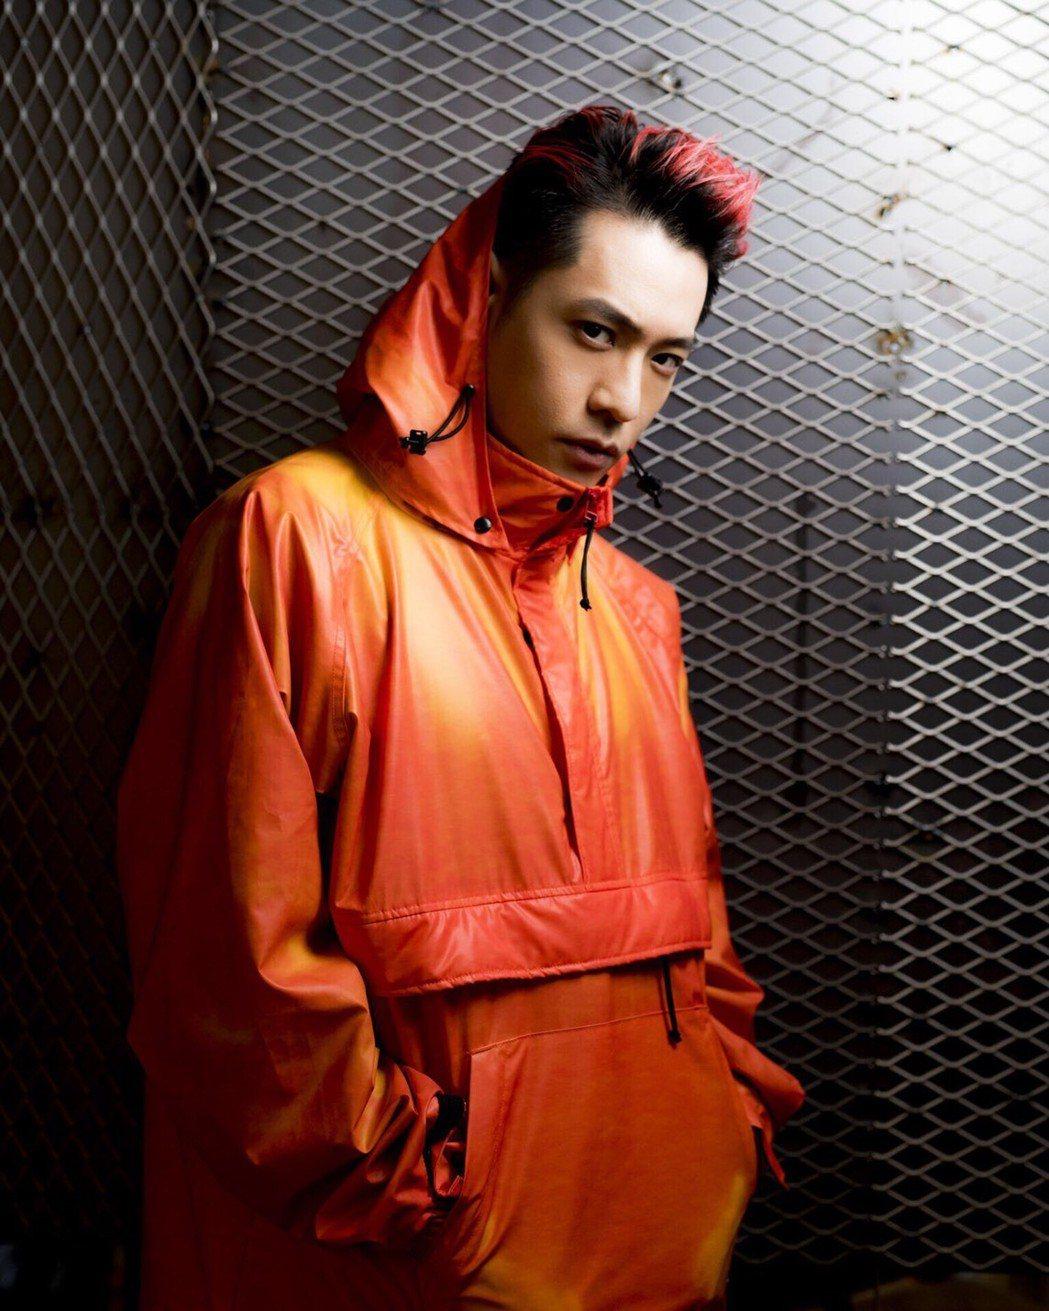 周湯豪榮獲今年KKBOX「年度風雲歌手」獎。圖/天熹娛樂提供